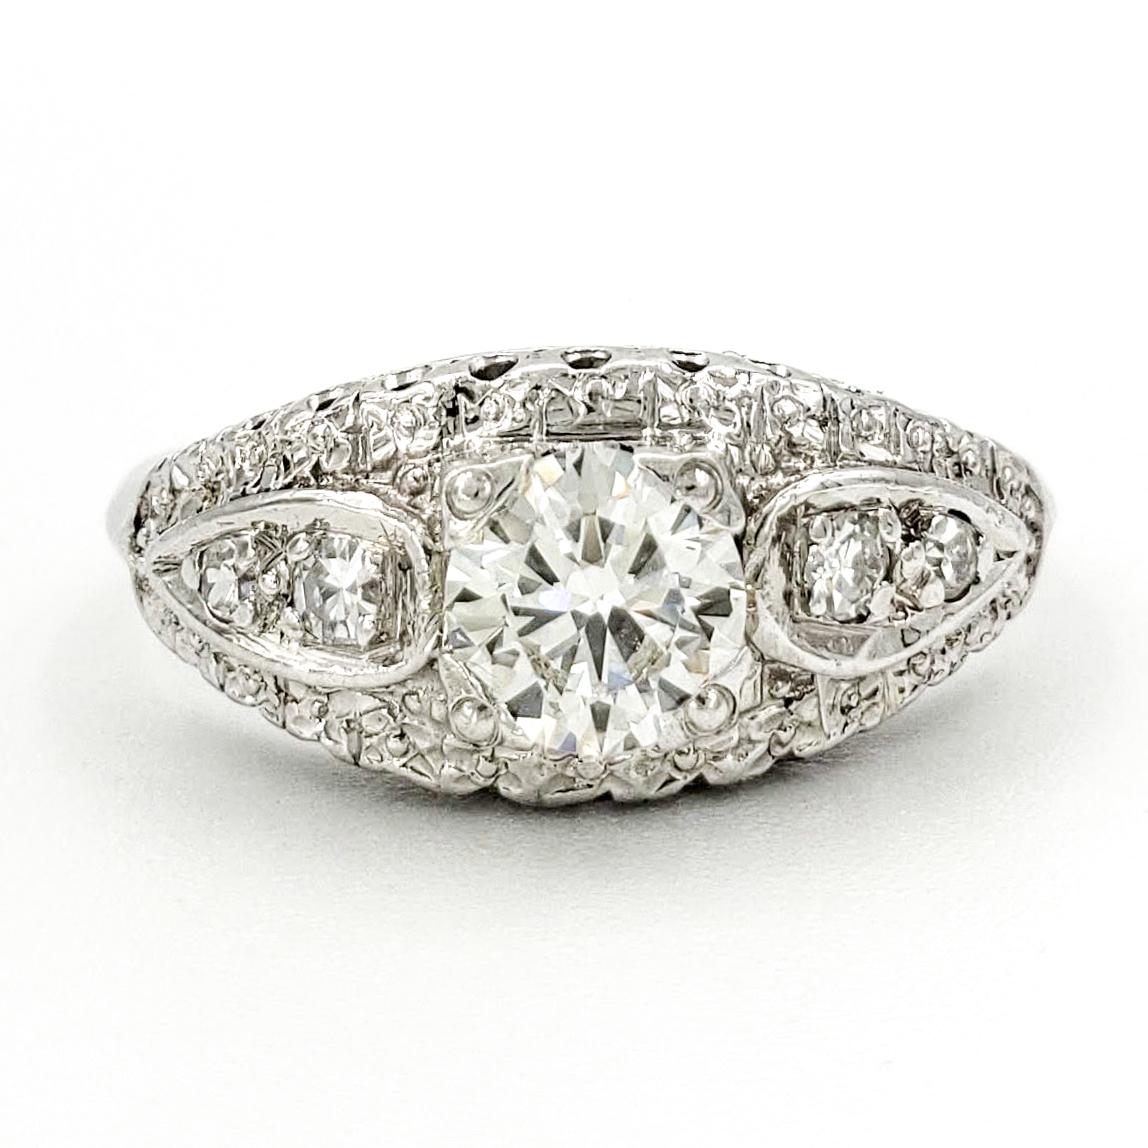 estate-platinum-engagement-ring-with-0-47-carat-round-brilliant-cut-diamond-egl-h-vs1